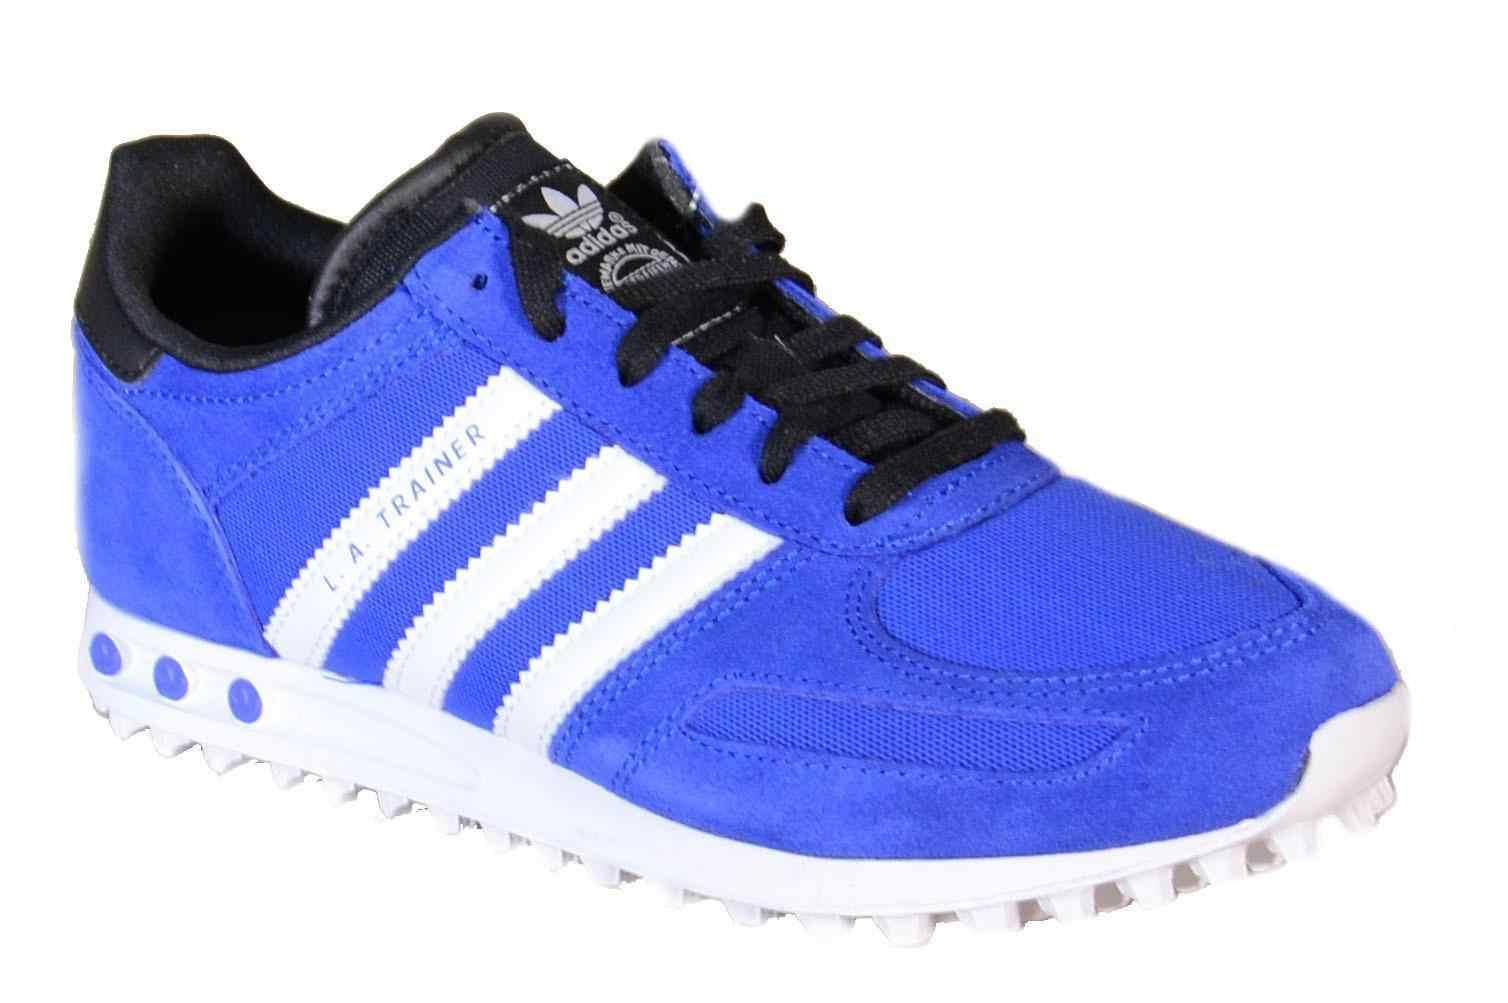 martes Búsqueda explique  ADIDAS LA Trainer K Sport Shoes Blue Leather Canvas B25694|Walking Shoes| -  AliExpress